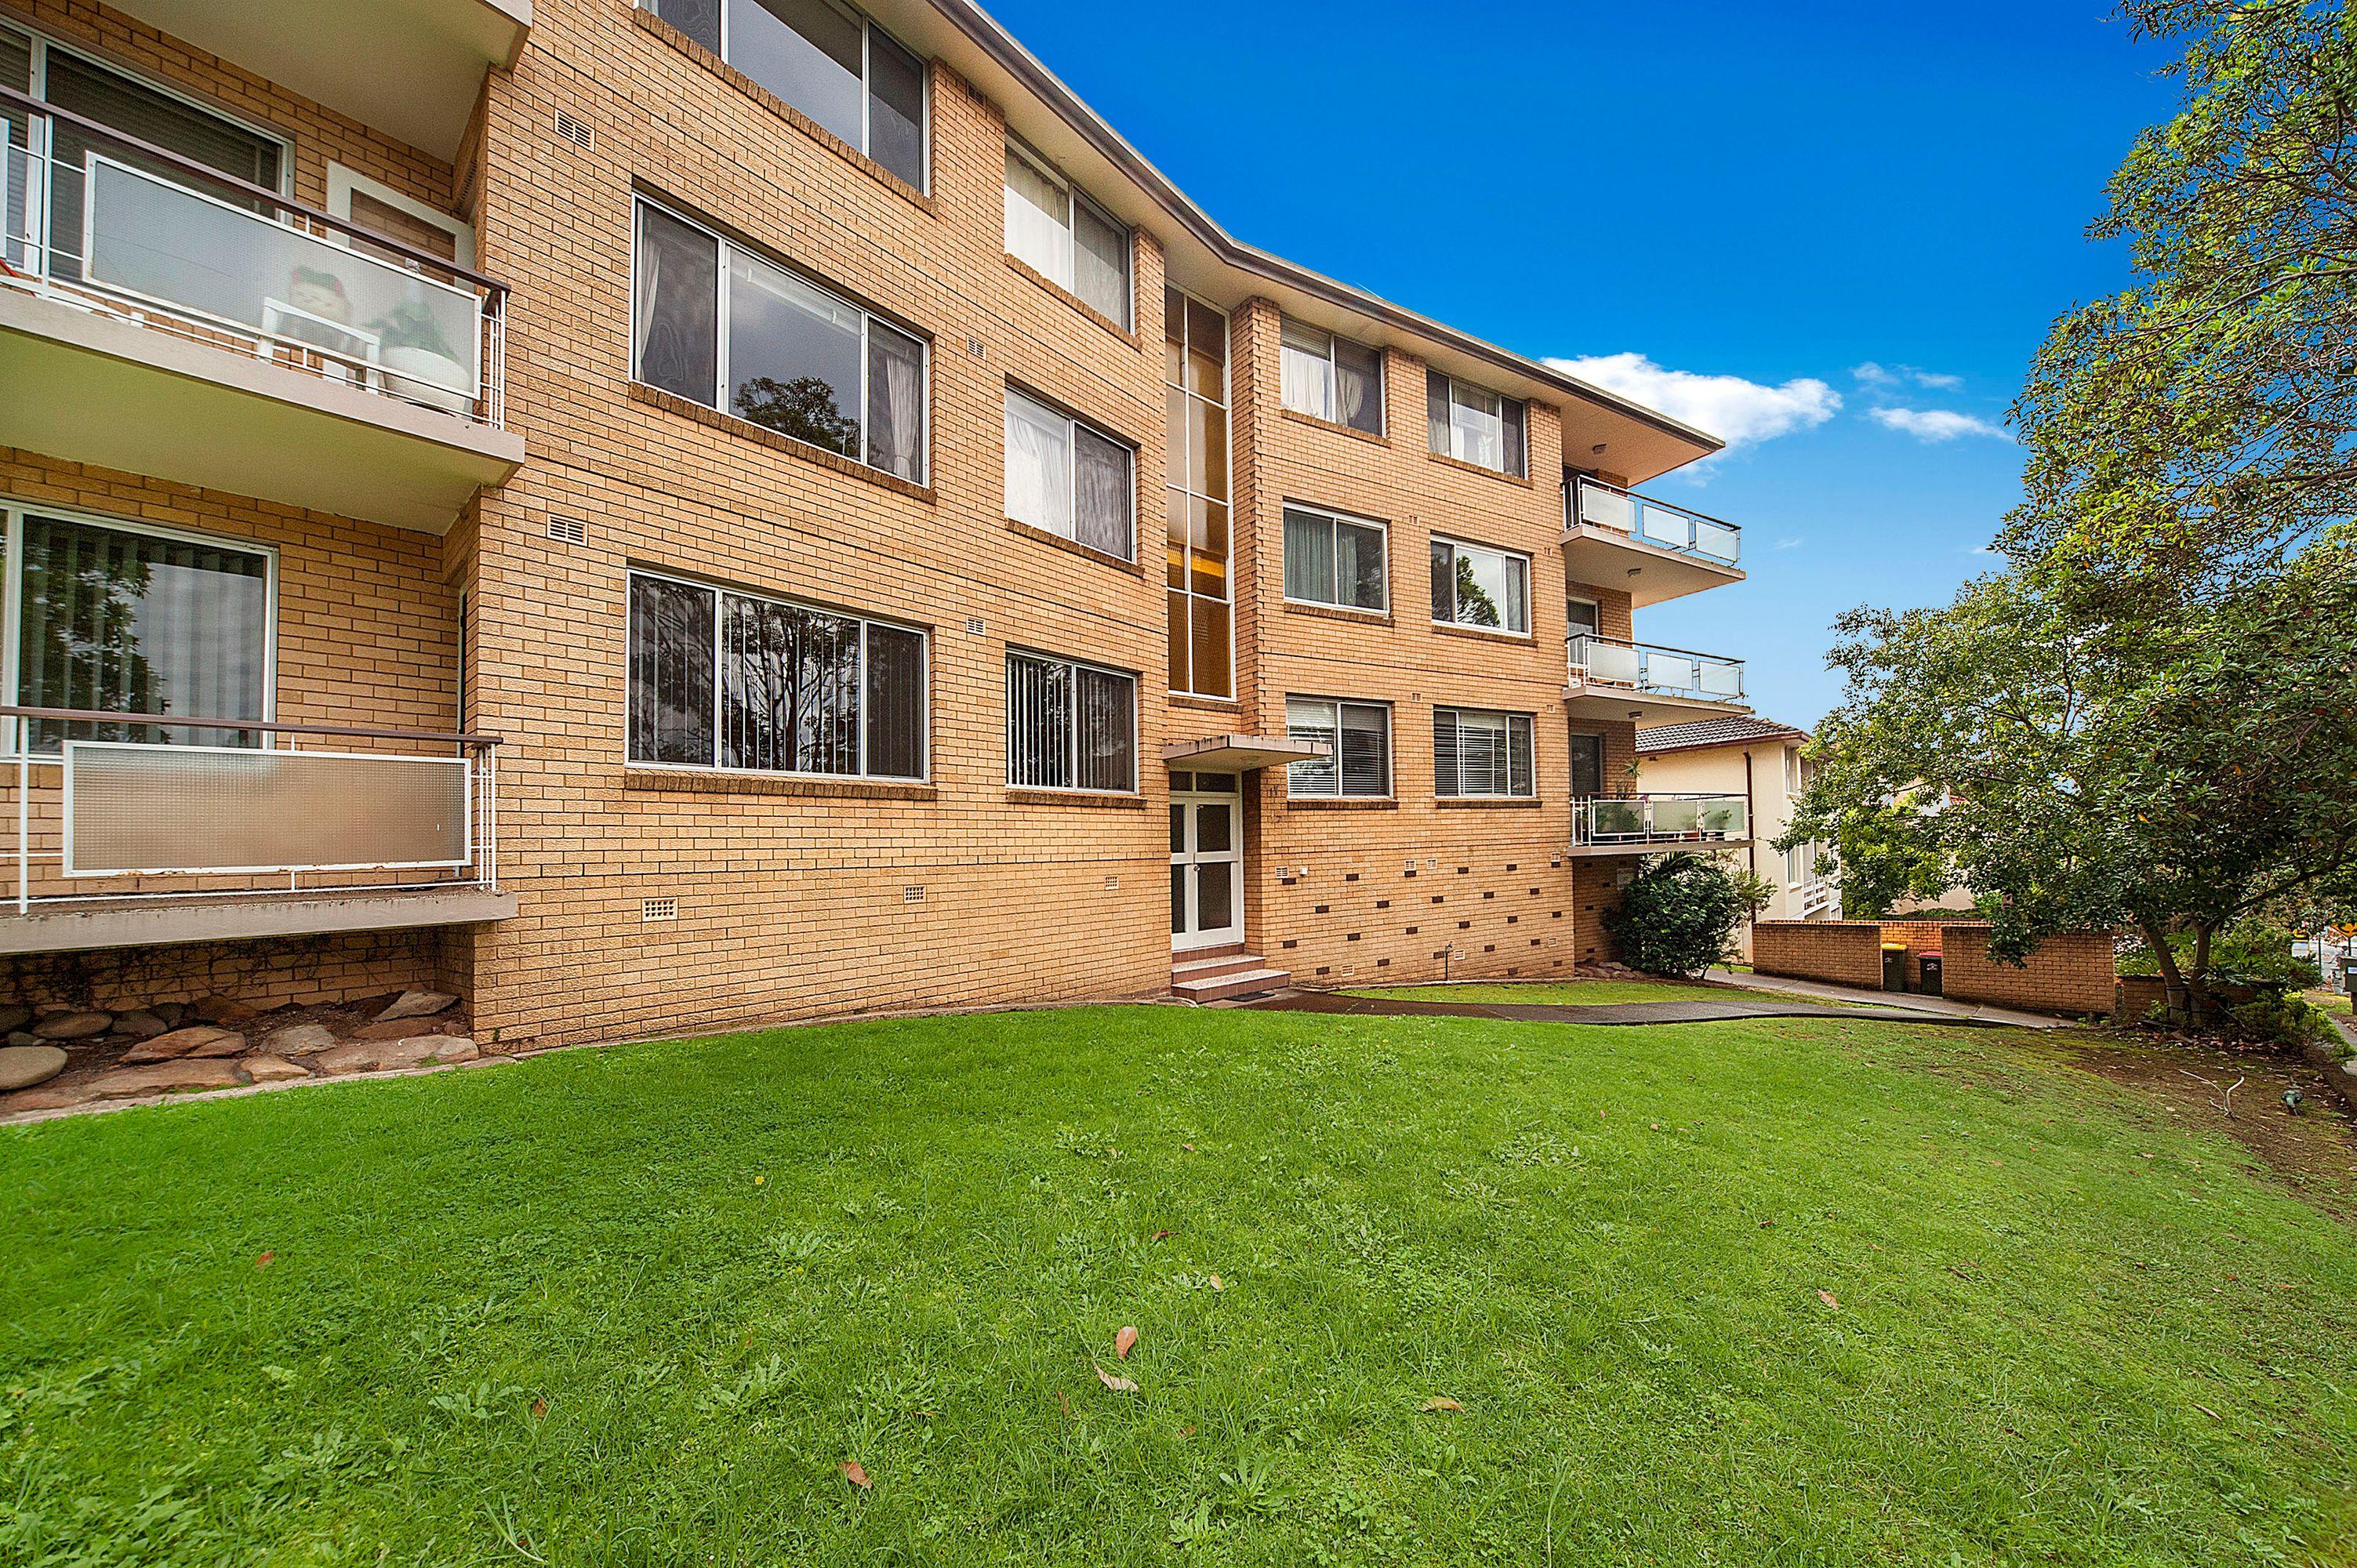 6/17 Pembroke Street, Epping, NSW 2121